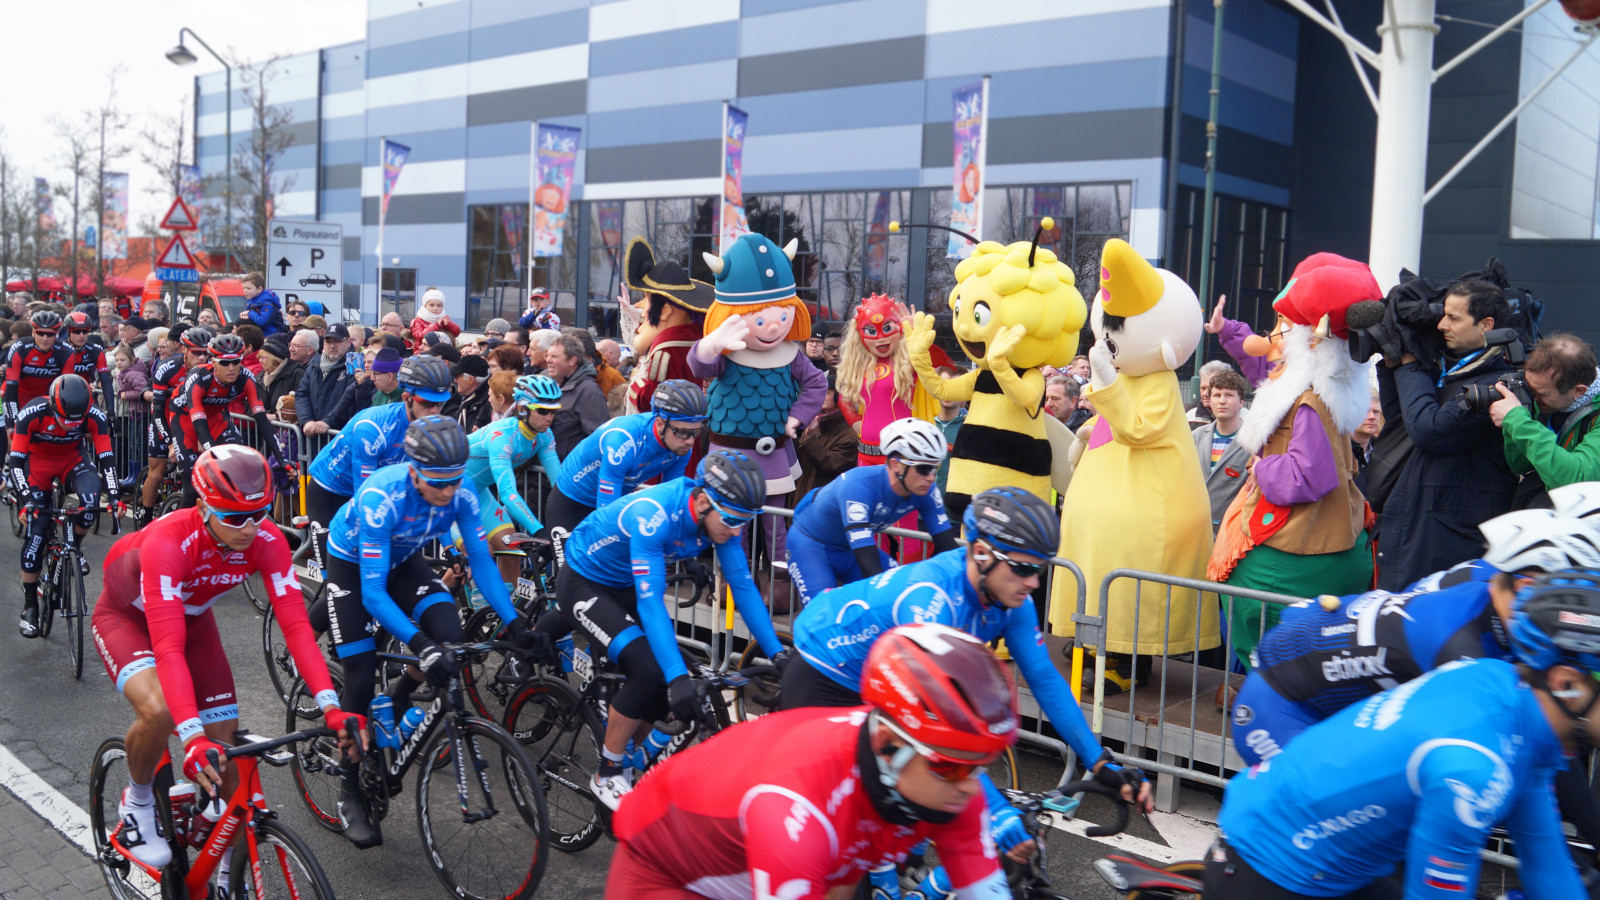 Driedaagse De Panne-Koksijde gaat in 2017 van start in Plopsaland De Panne